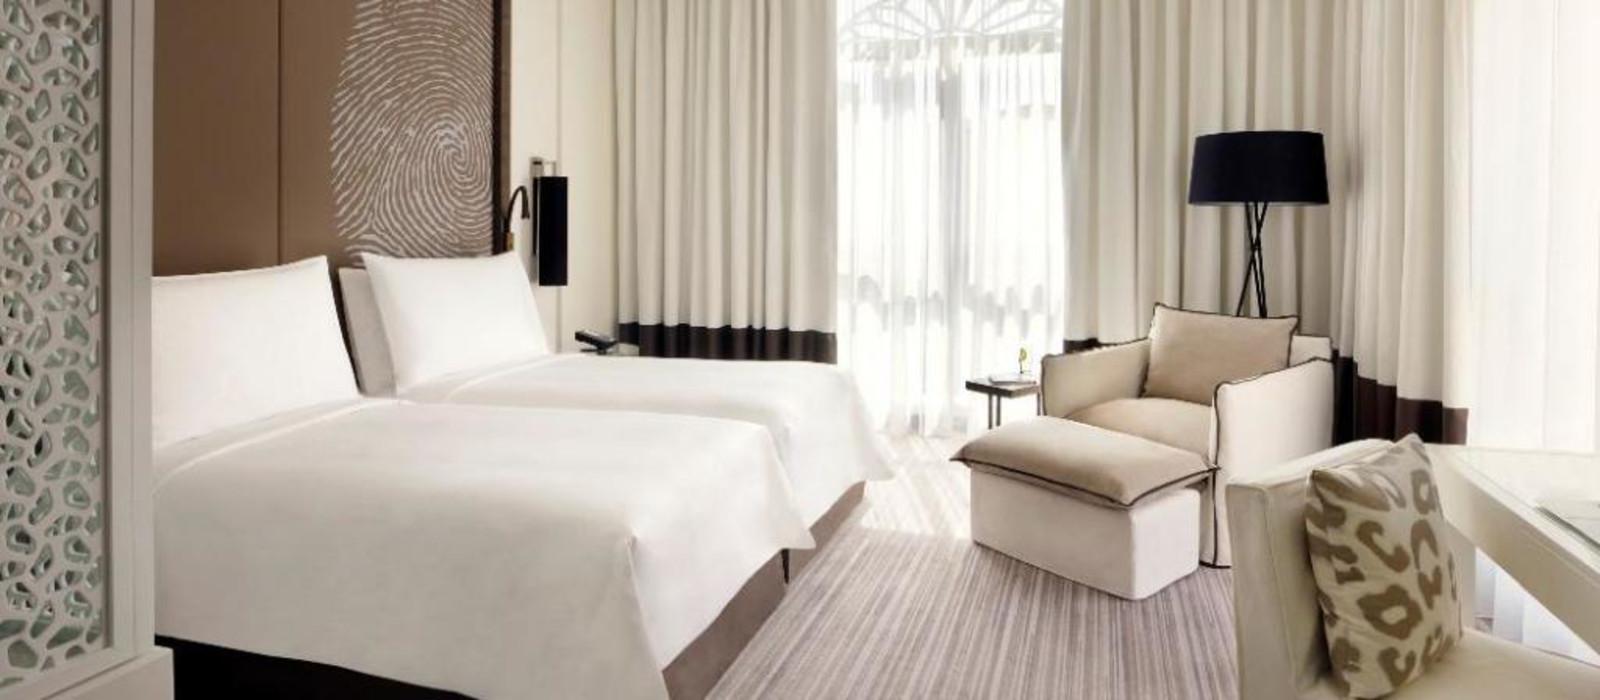 Hotel Vida Downtown Vereinigte Arabische Emirate